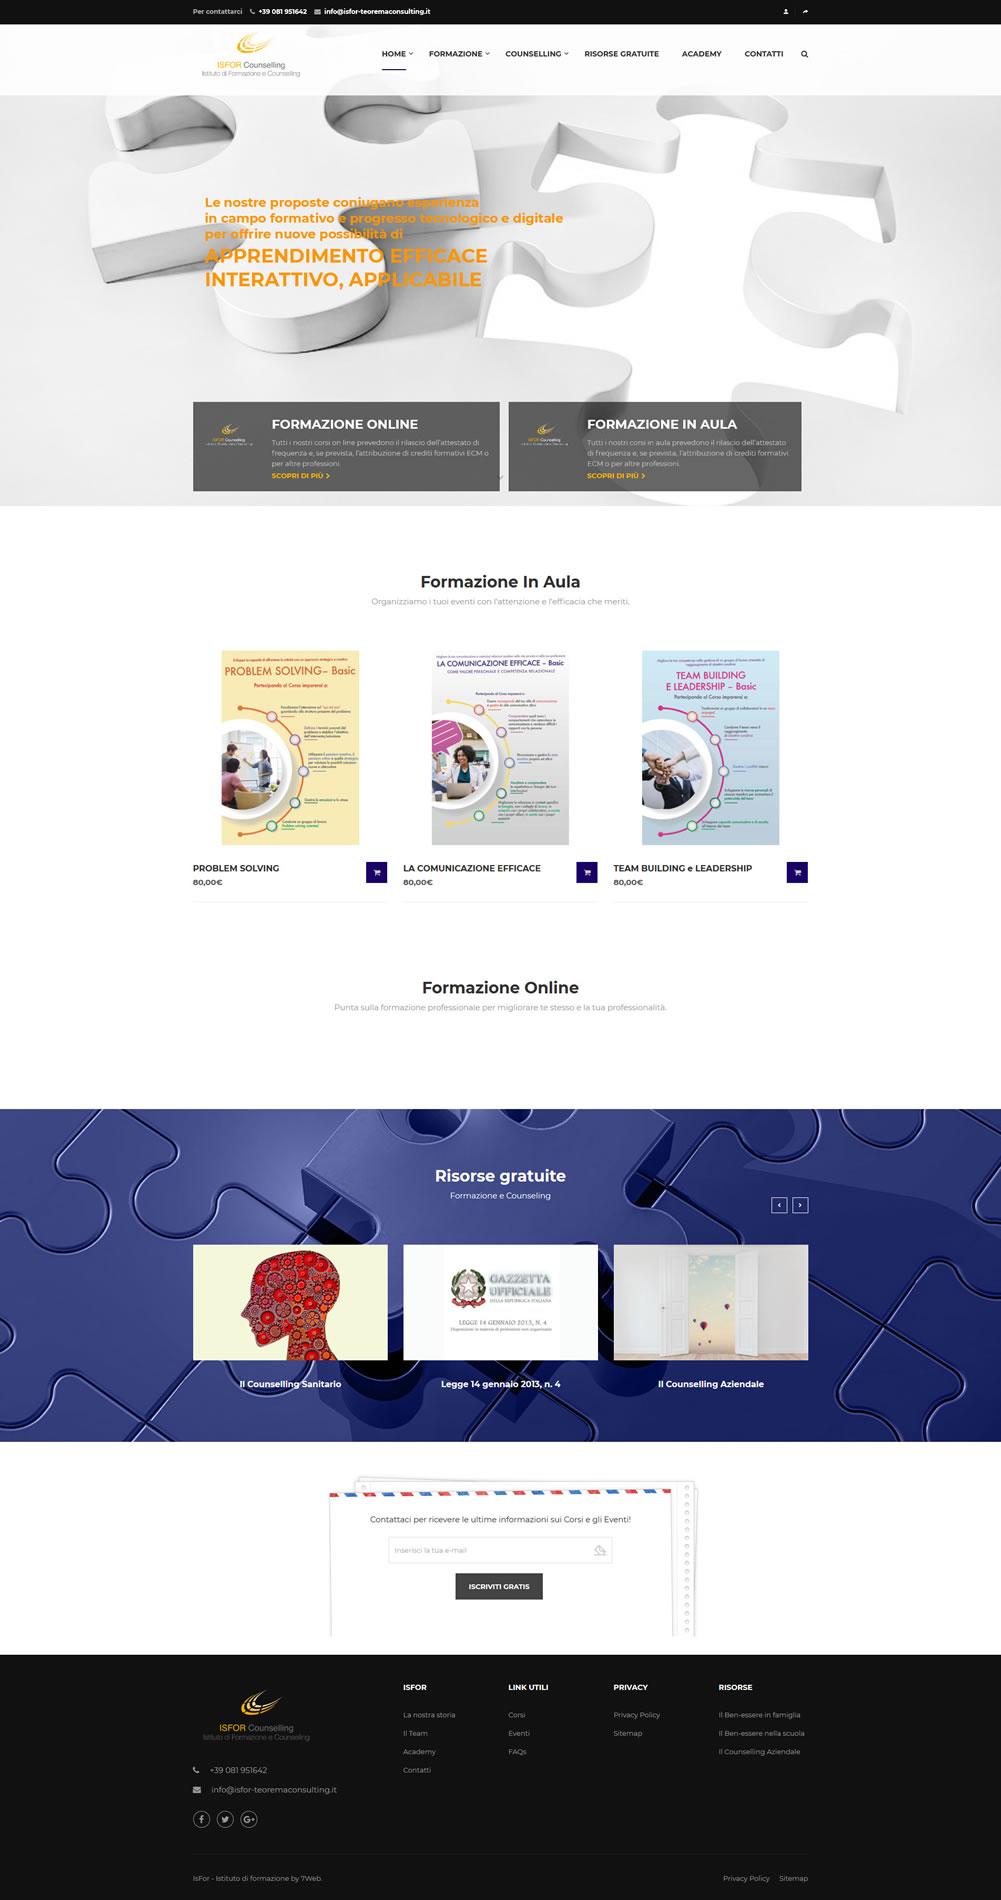 IsFor - Istituto di Formazione e Counselling - 7Web LMS - SetteWeb.com